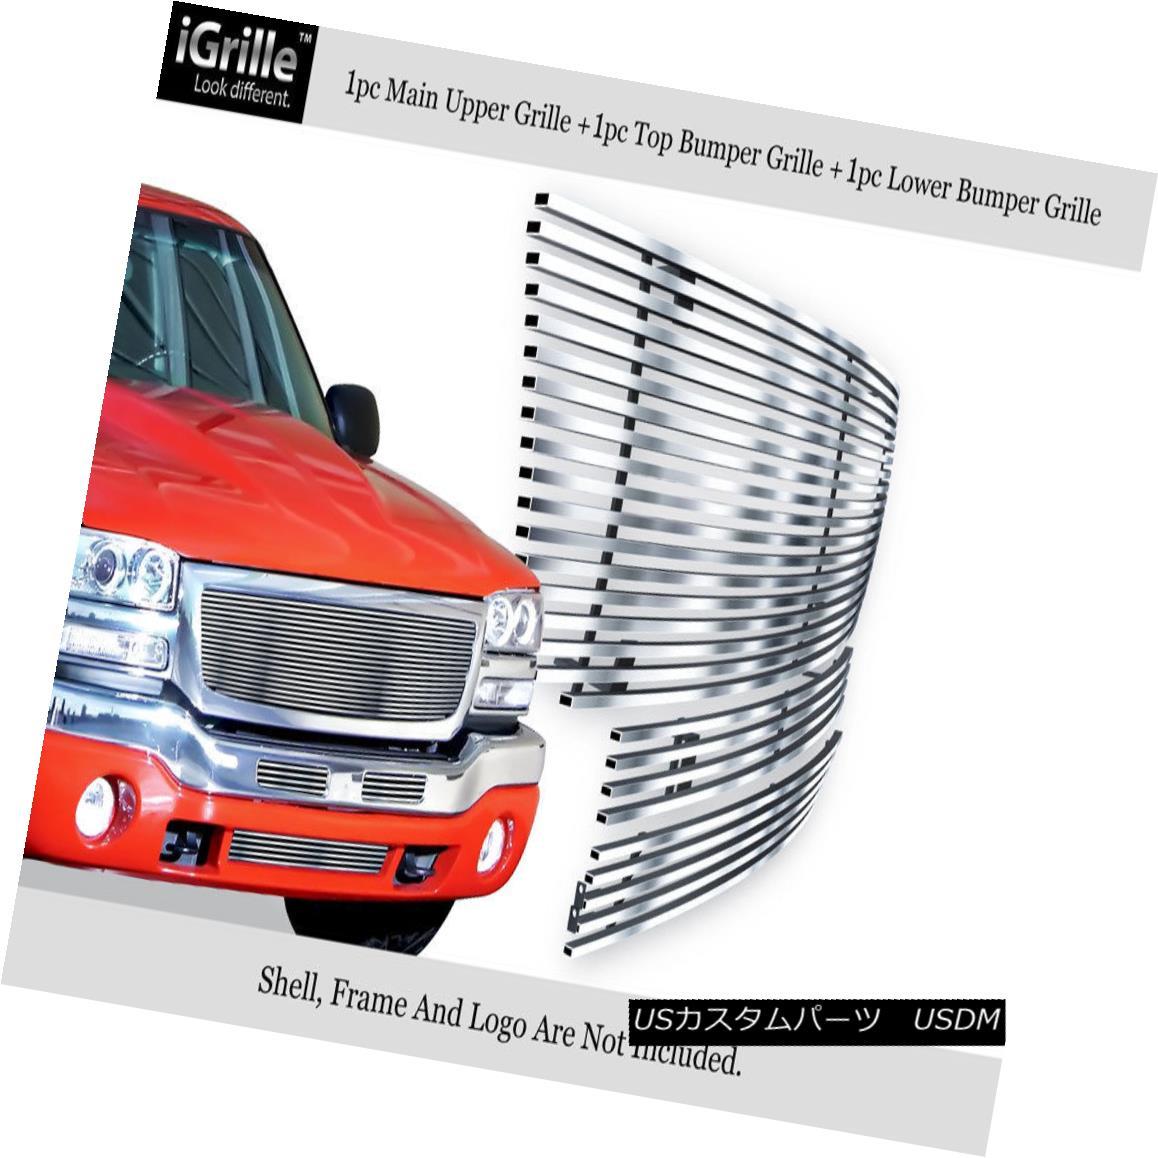 グリル 304 Stainless Steel Billet Grille Combo Fits 03-06 GMC Sierra 1500/2500HD/3500 304ステンレス鋼ビレットグリルコンボフィット03-06 GMC Sierra 1500 / 2500HD / 35 00